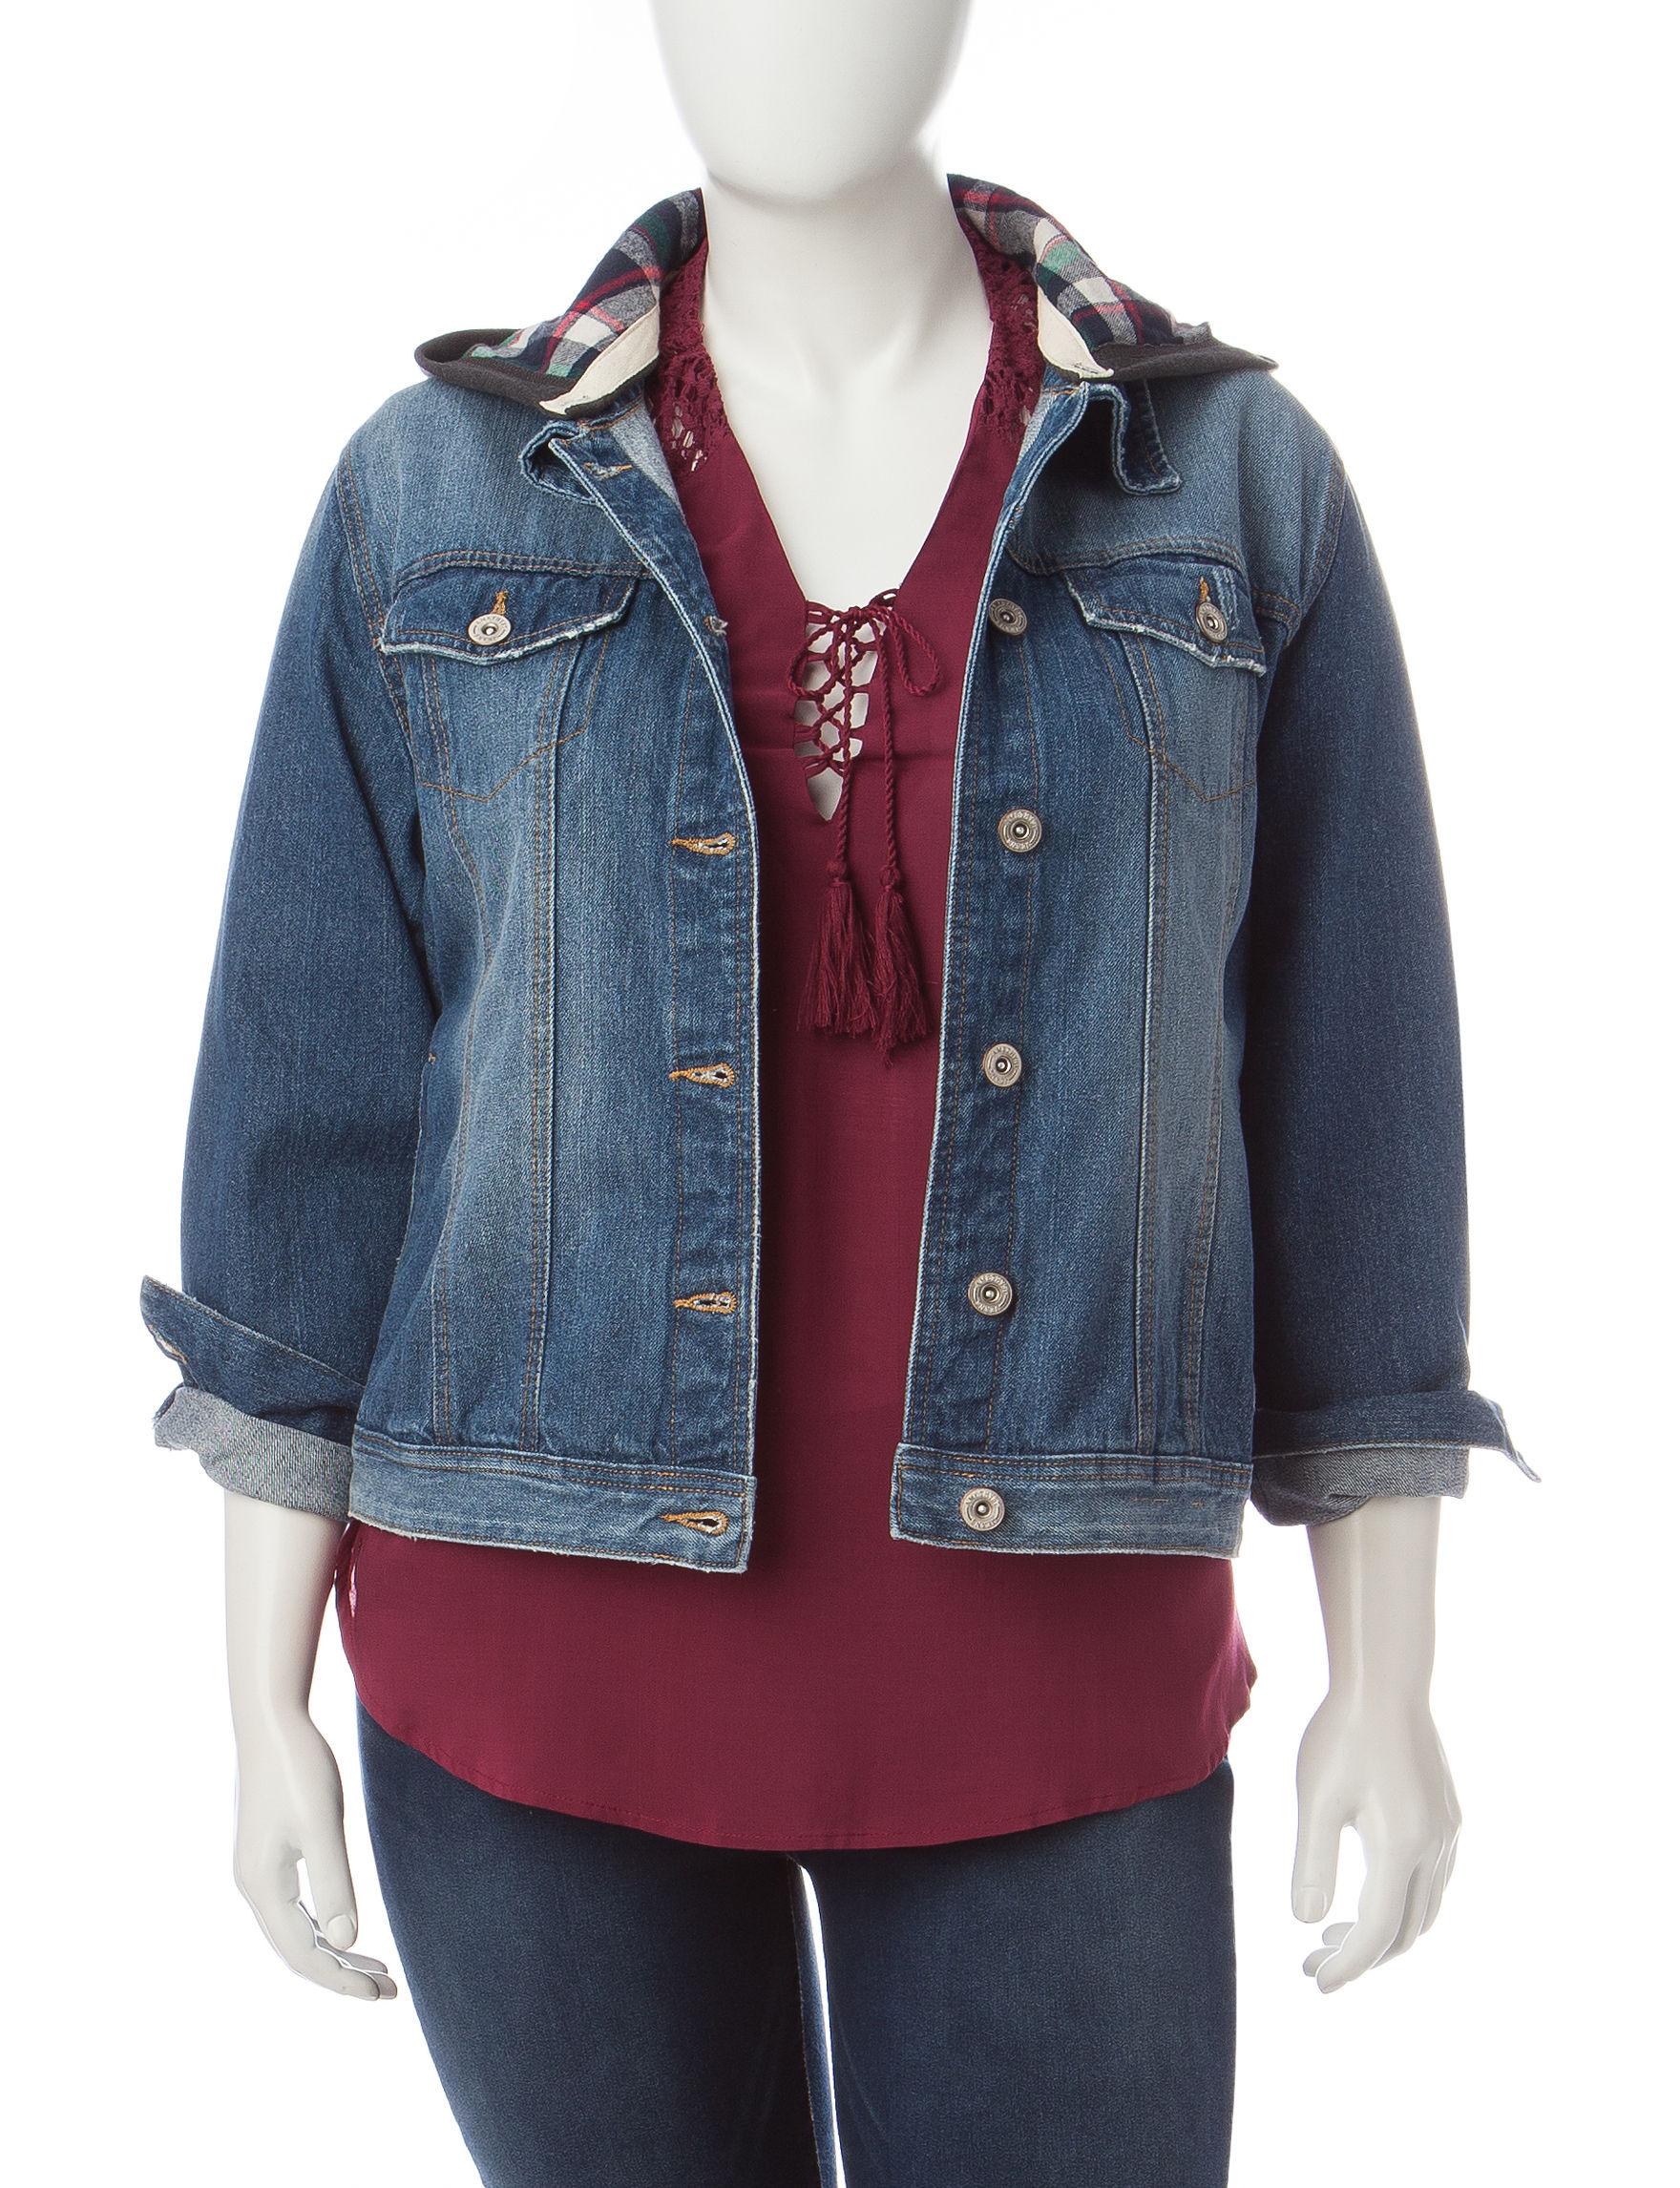 Amethyst Blue Denim Jackets